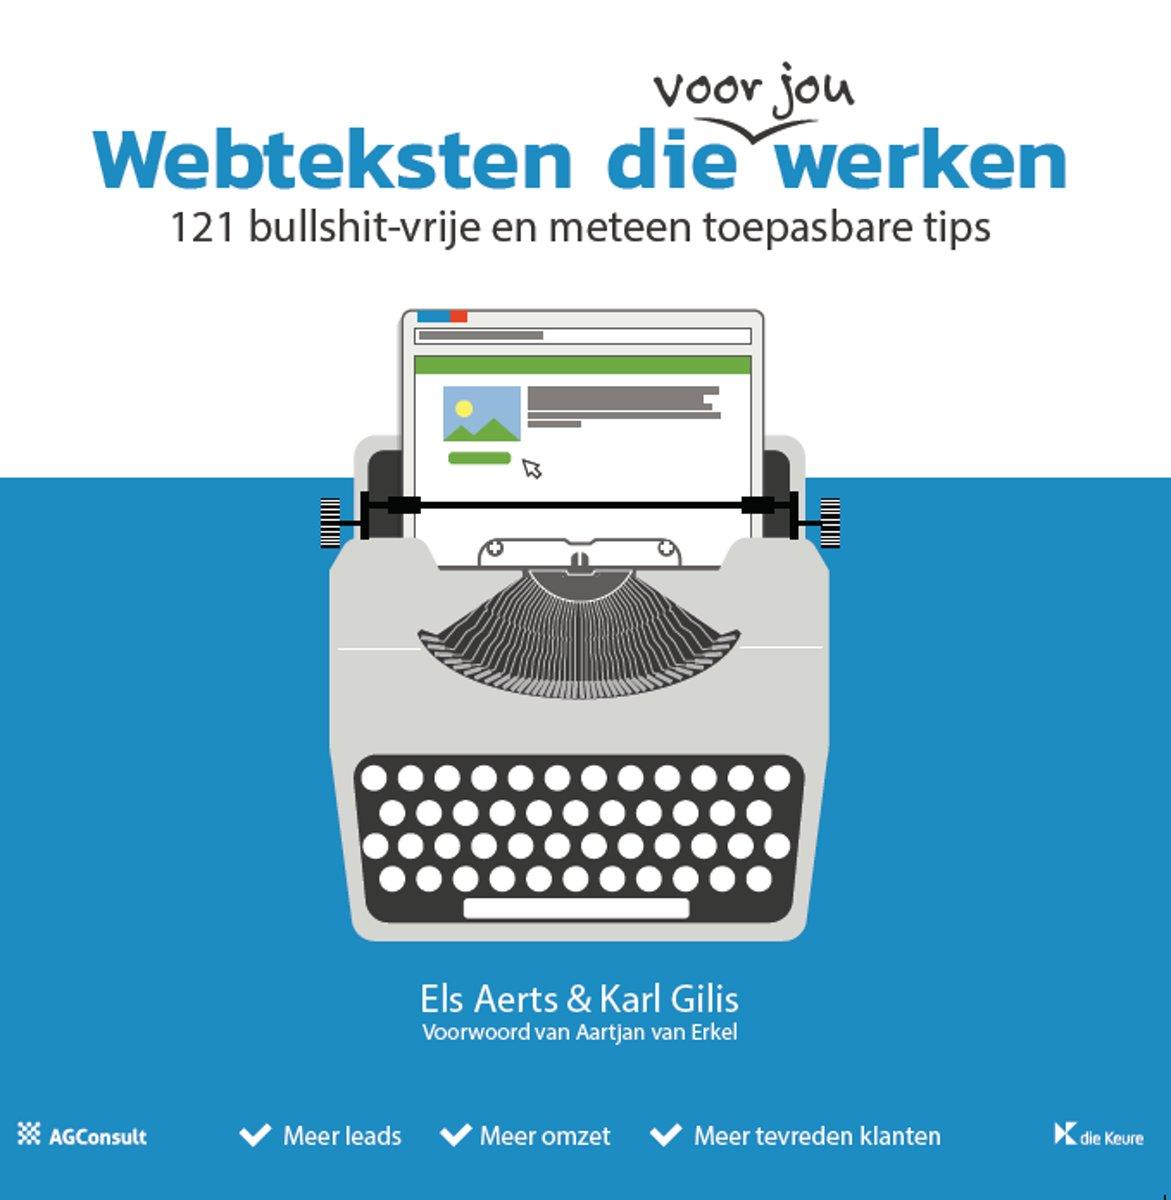 Webteksten die werken